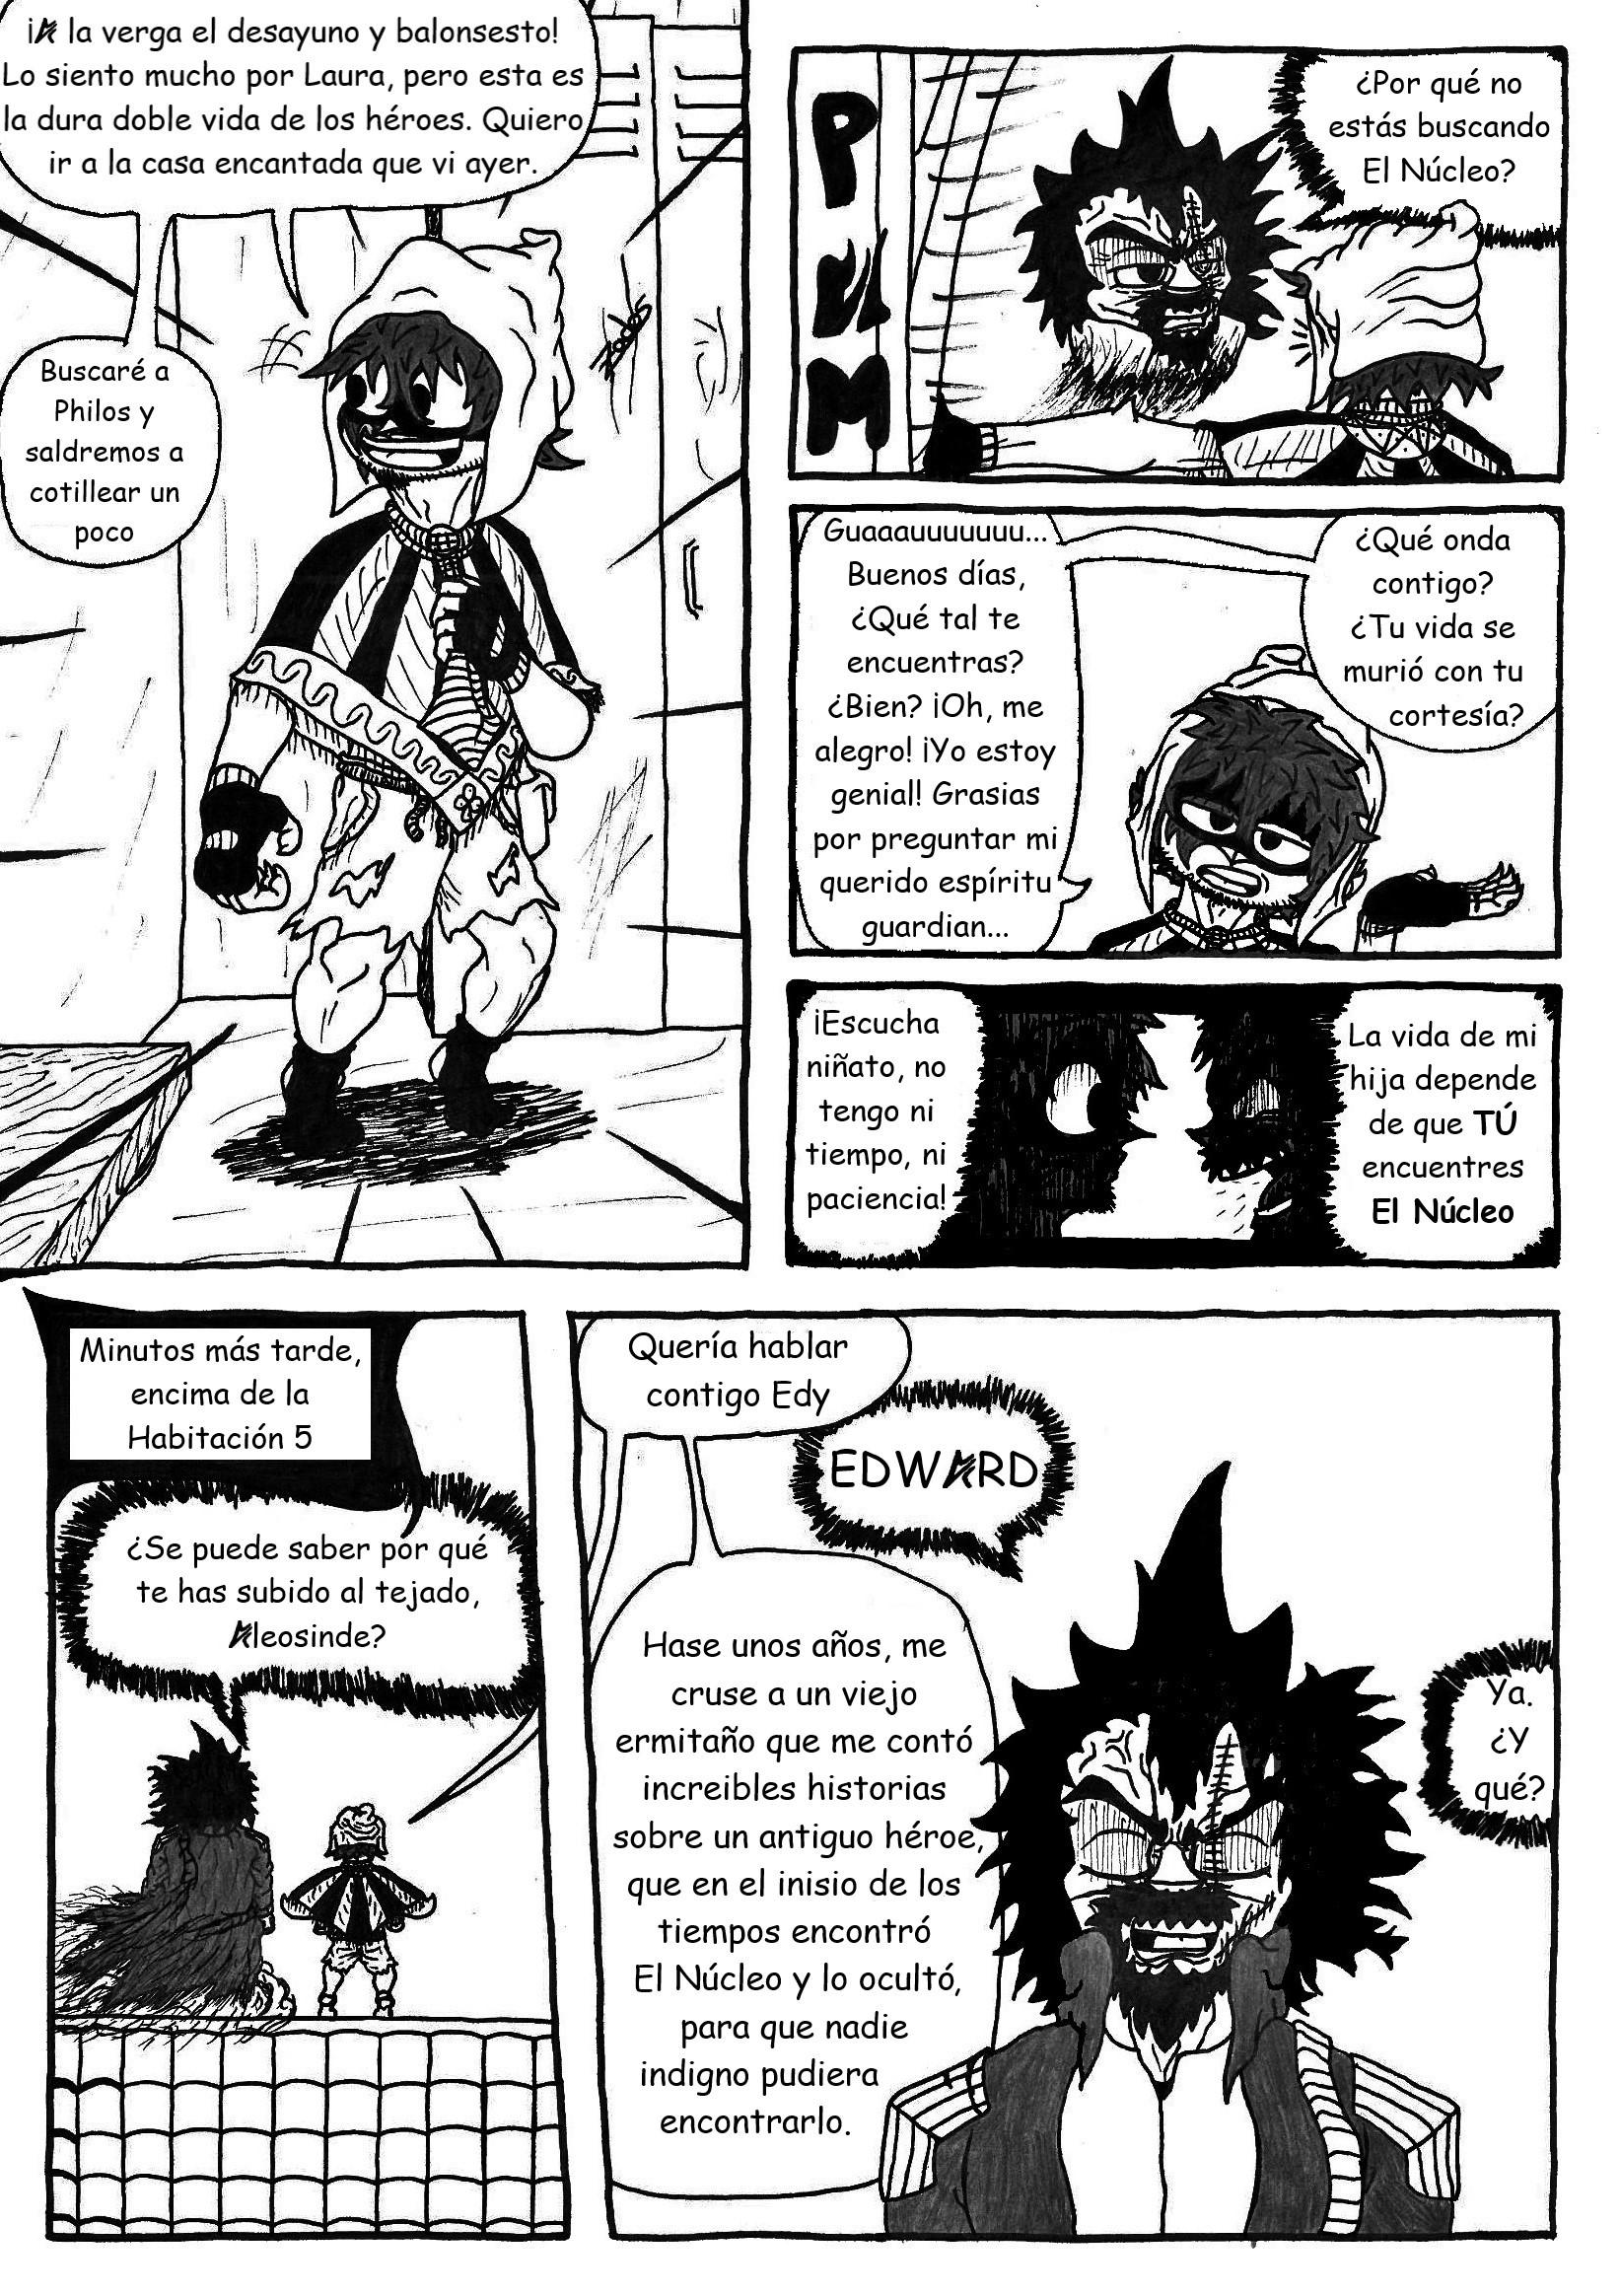 Avatar_03_J_Angel_Casado_Fuster_pagina00006